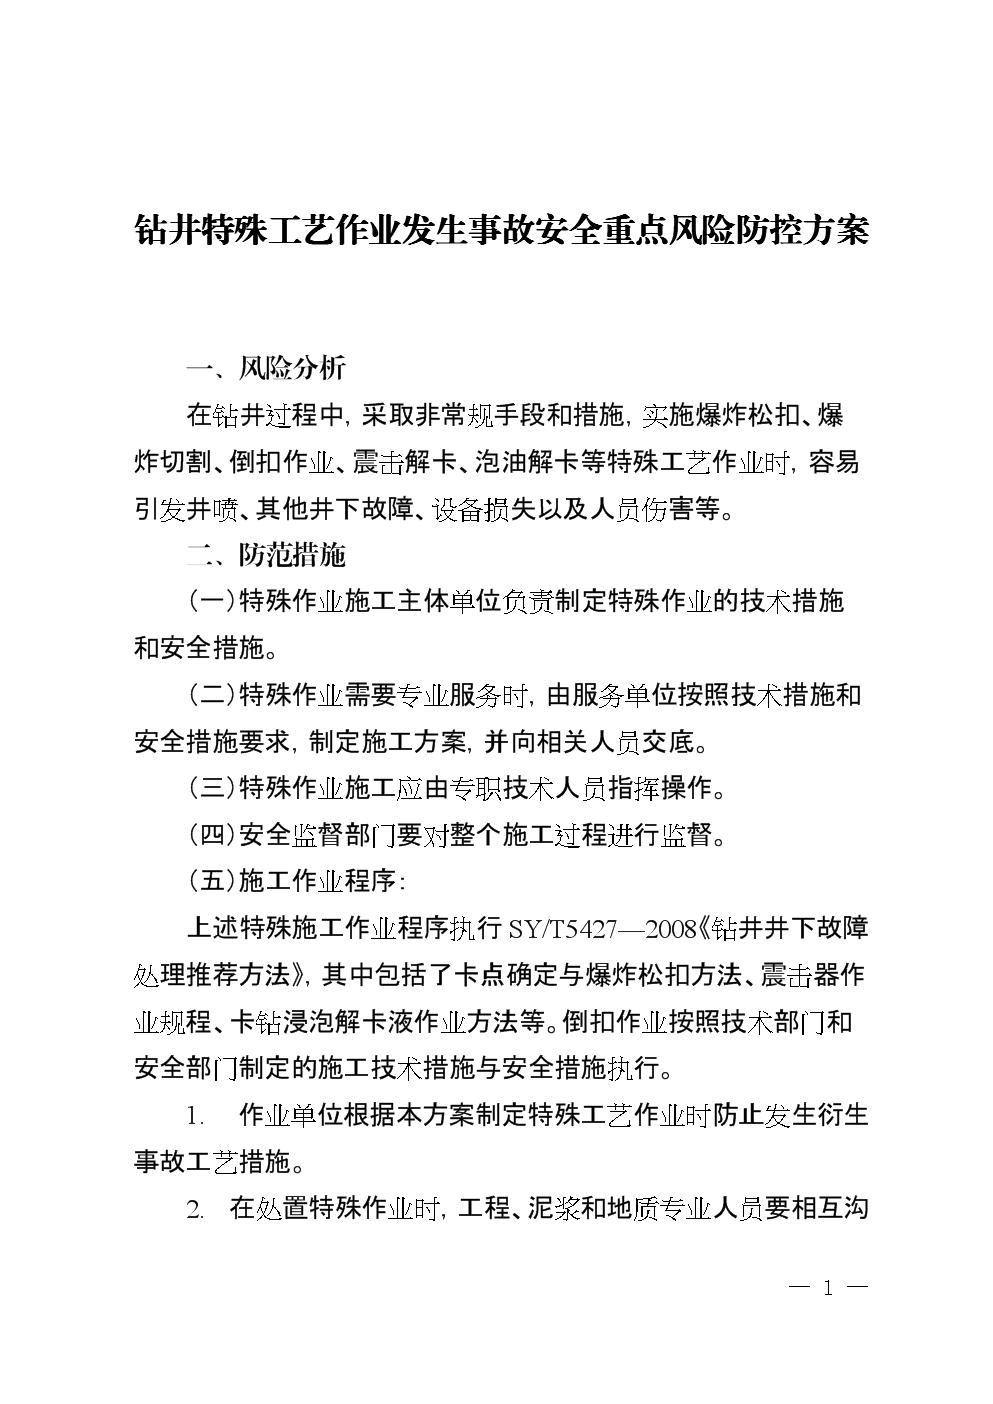 钻井特殊工艺作业发生事故安全重点风险防控方案.doc